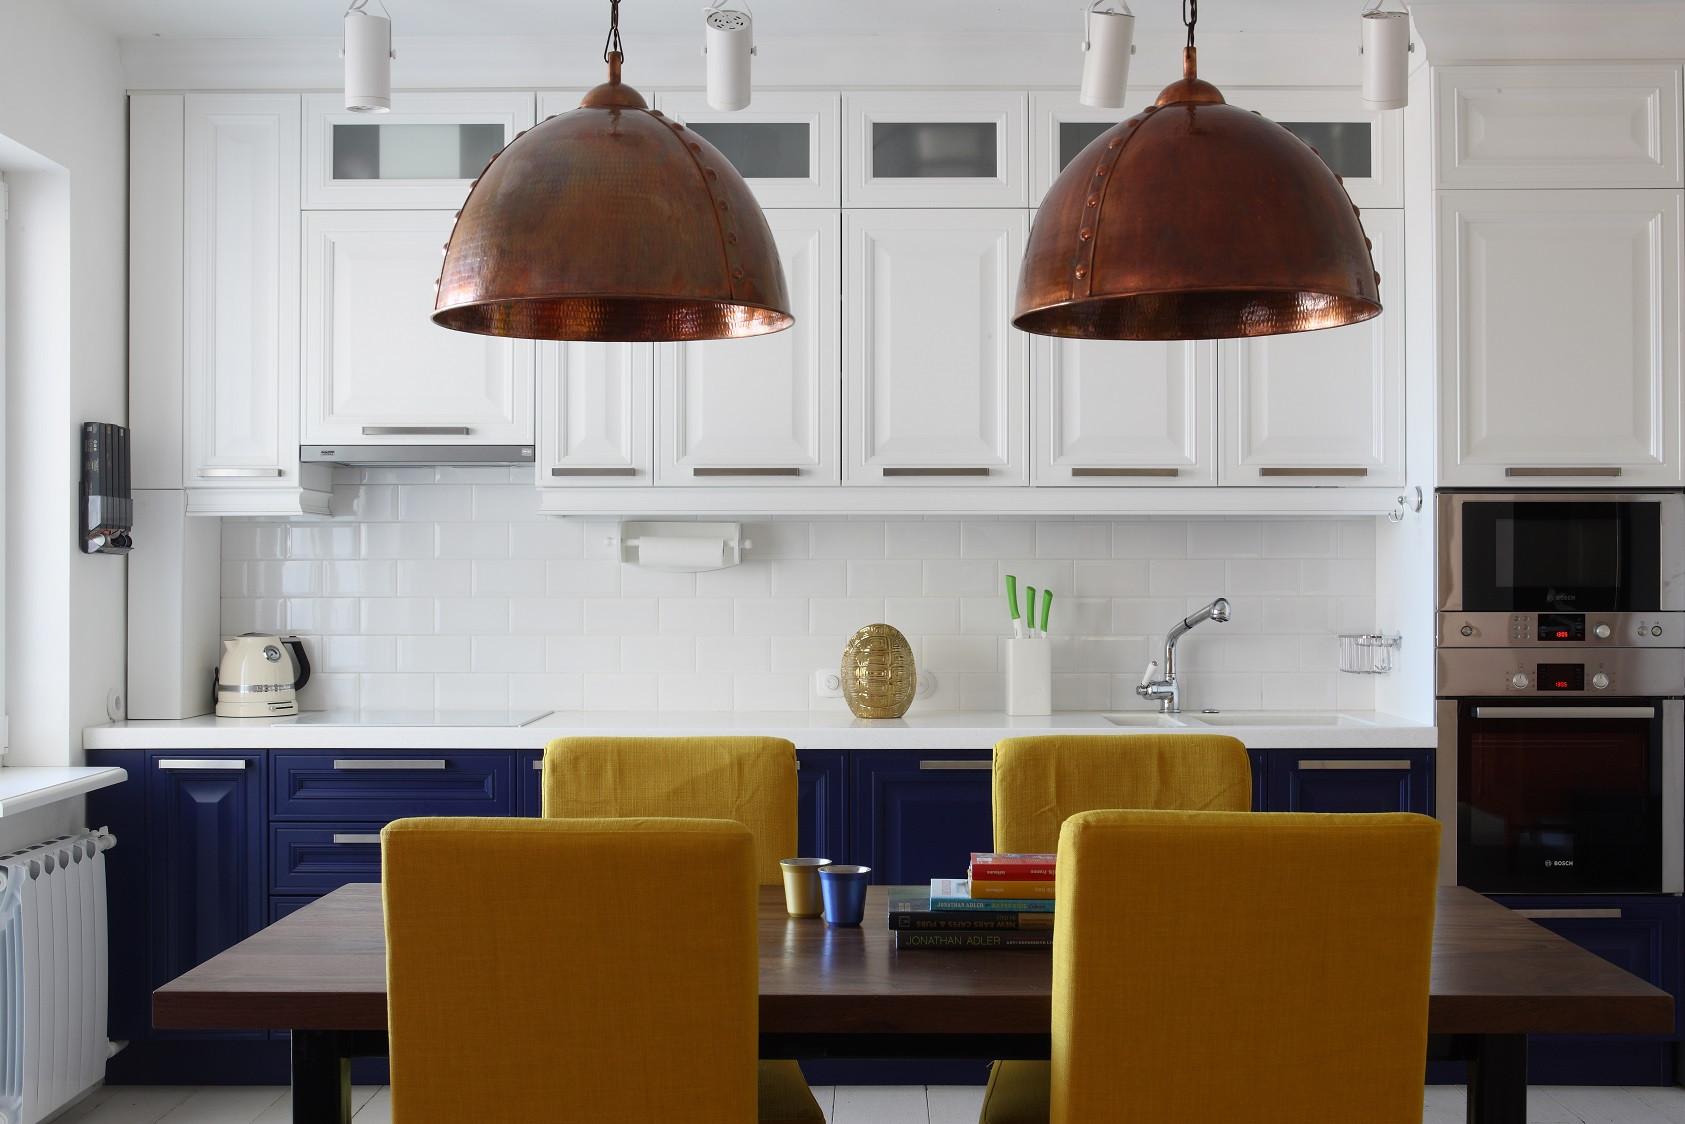 餐厅以木质餐桌,黄色布艺座椅,和简单不简约的吊灯,很是简约时尚